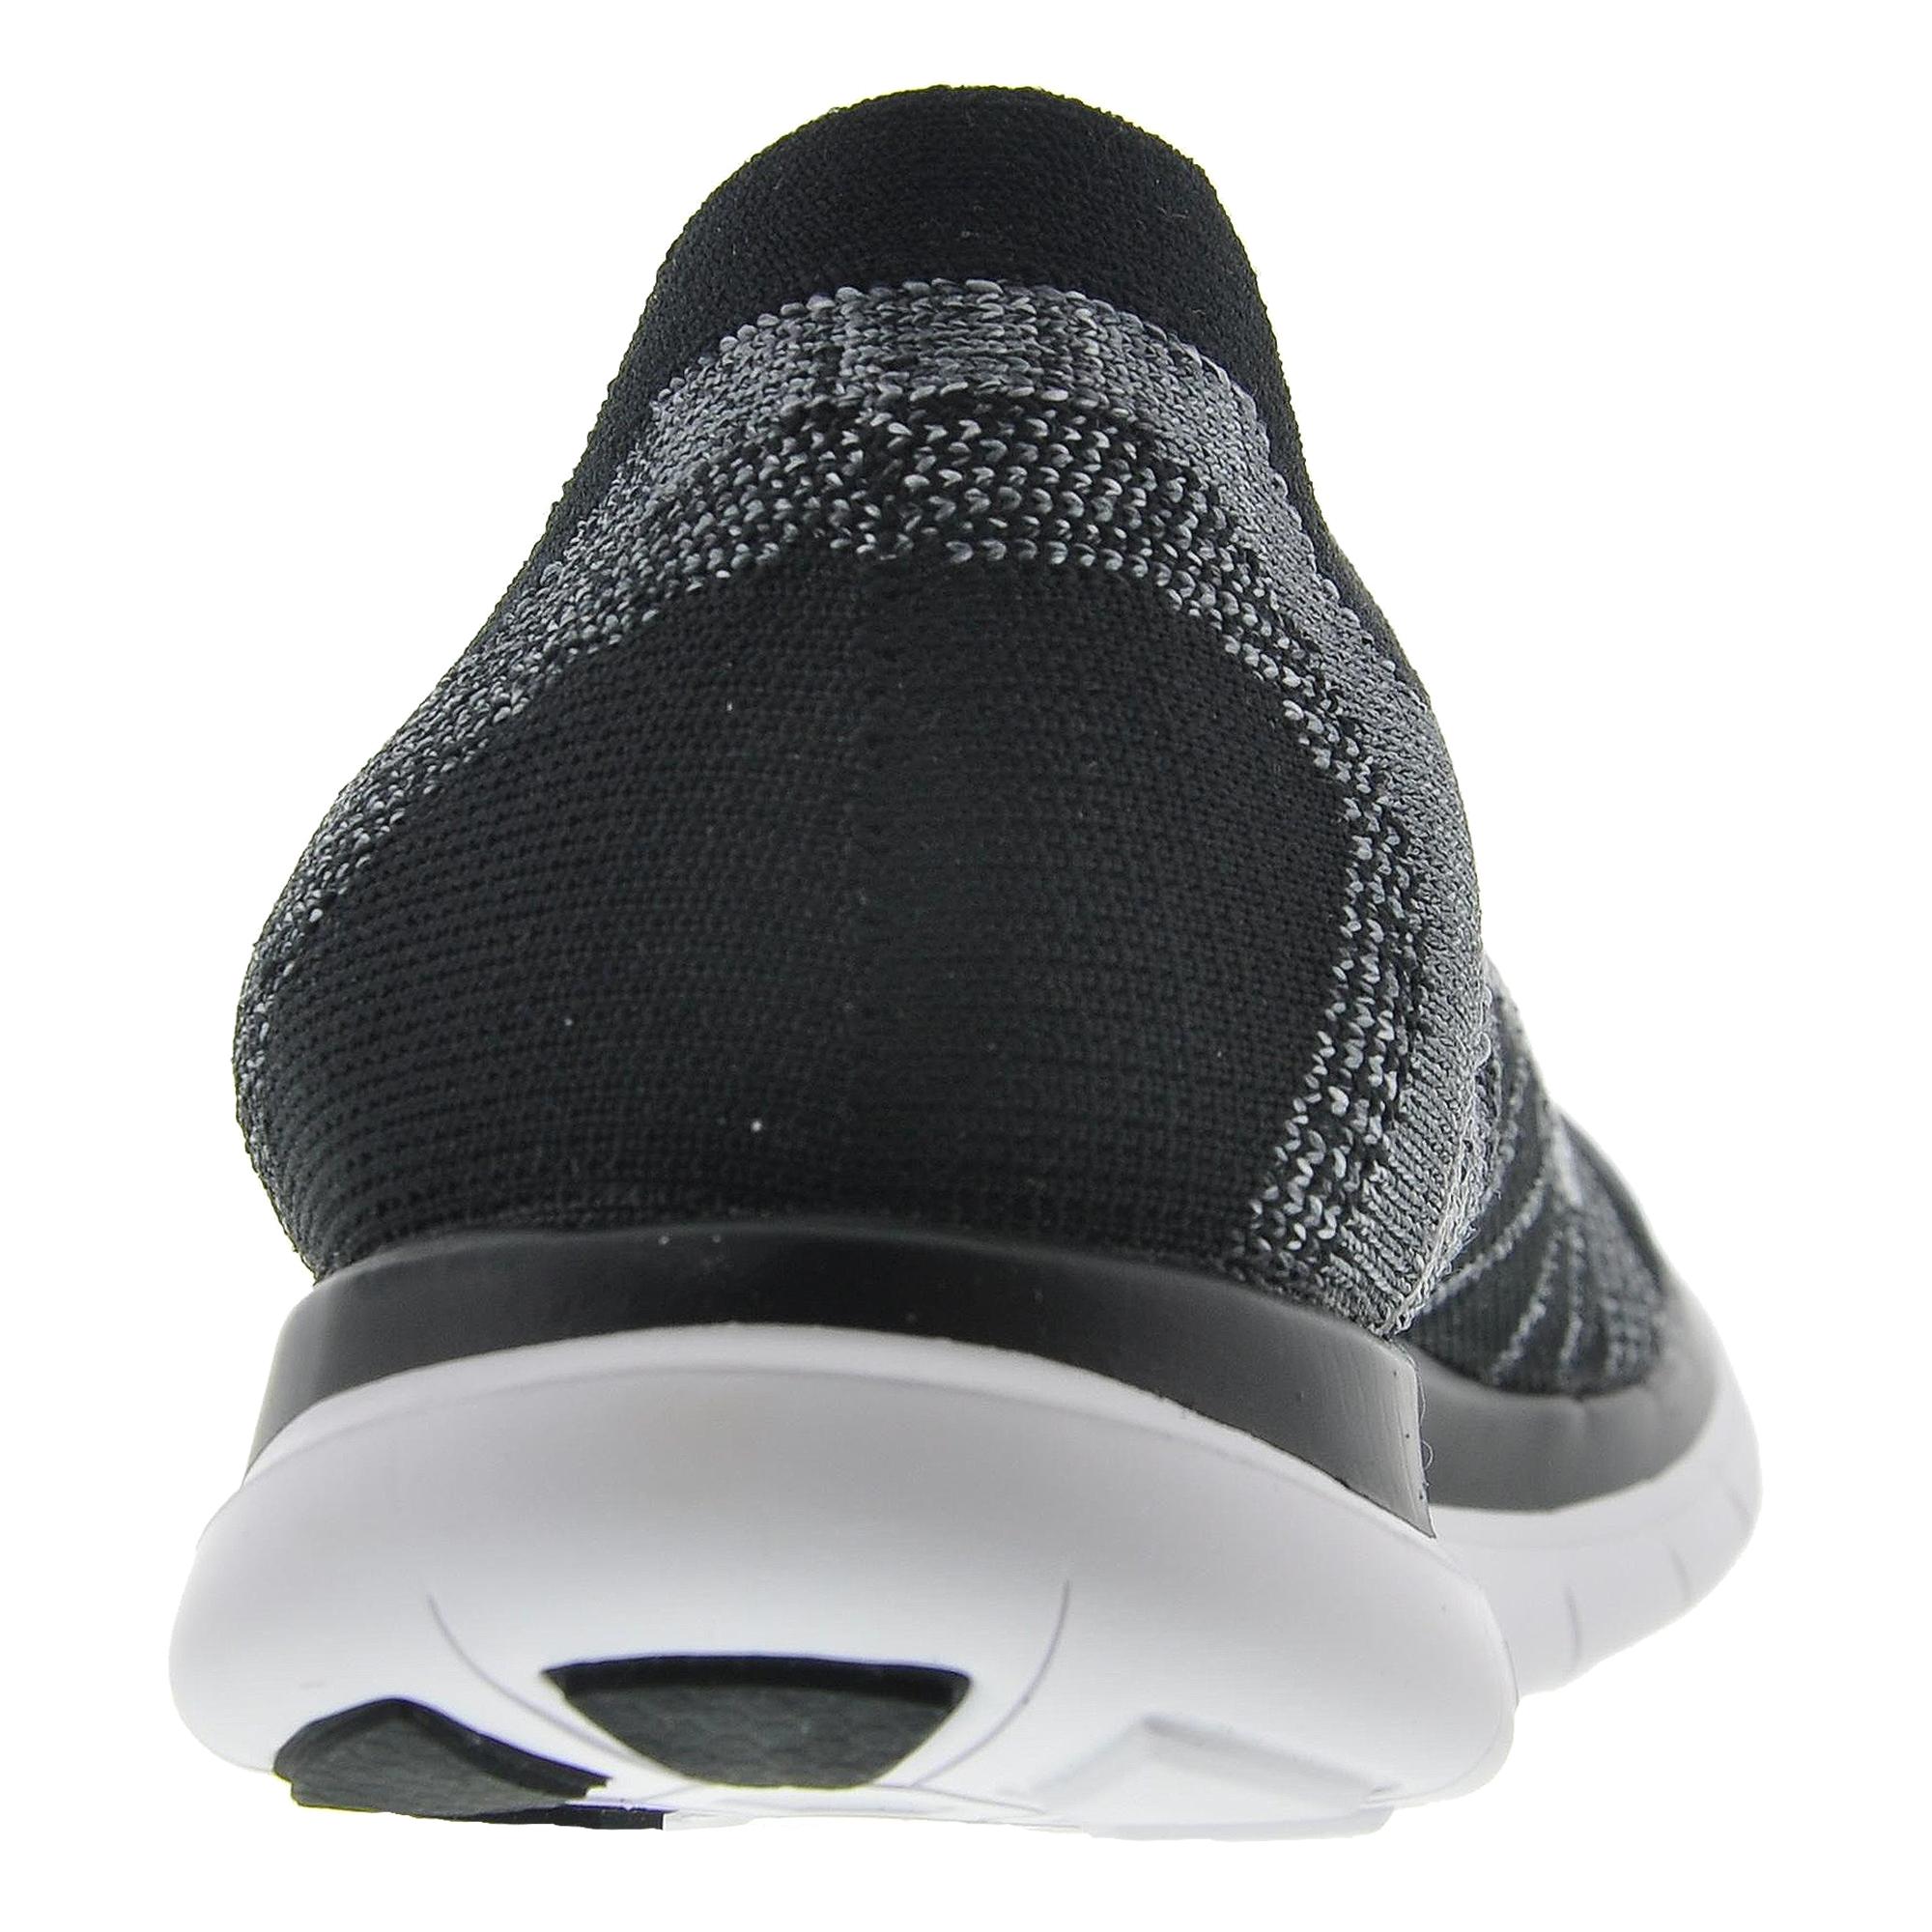 684cd962794b Nike Free 4.0+ Flyknit Erkek Spor Ayakkabı  717075-001 - Barcin.com